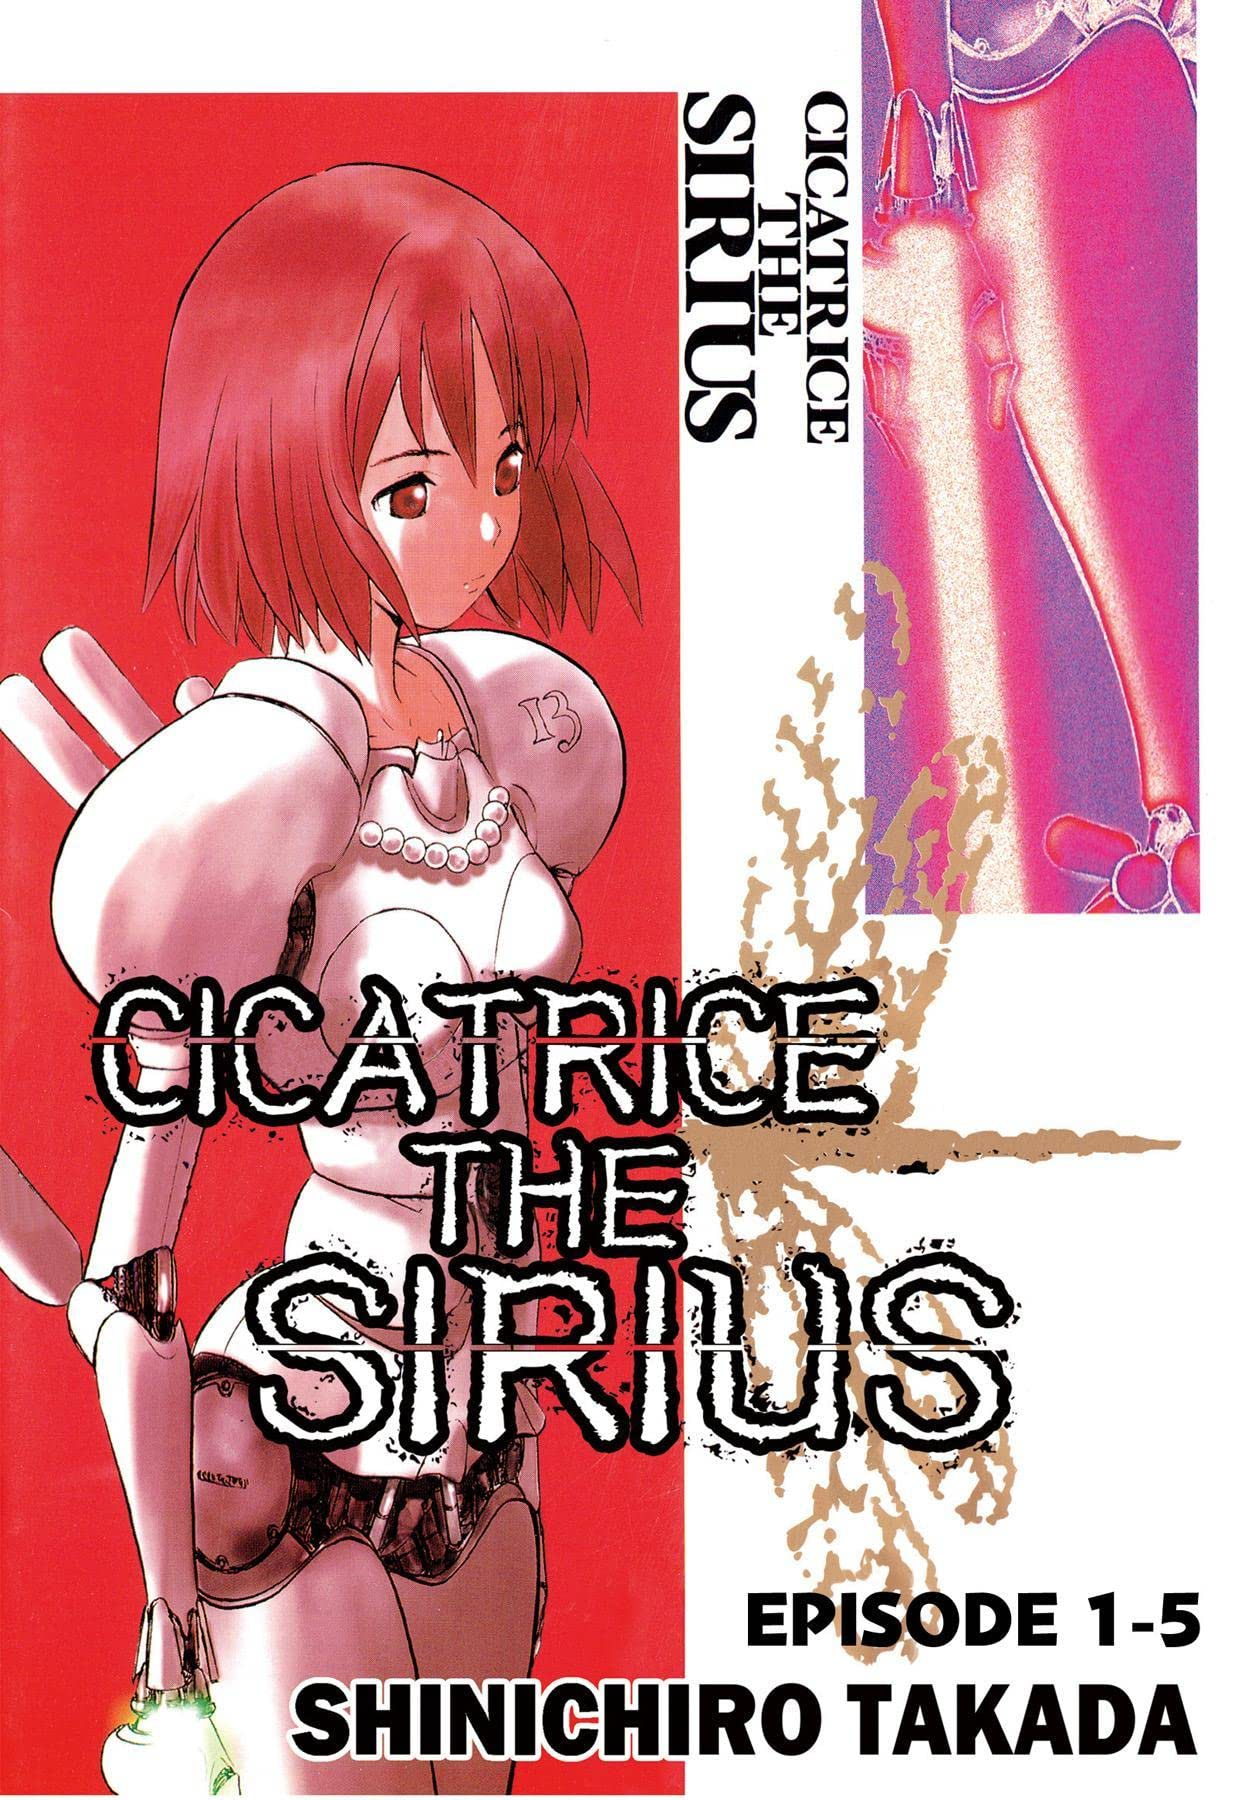 CICATRICE THE SIRIUS #5